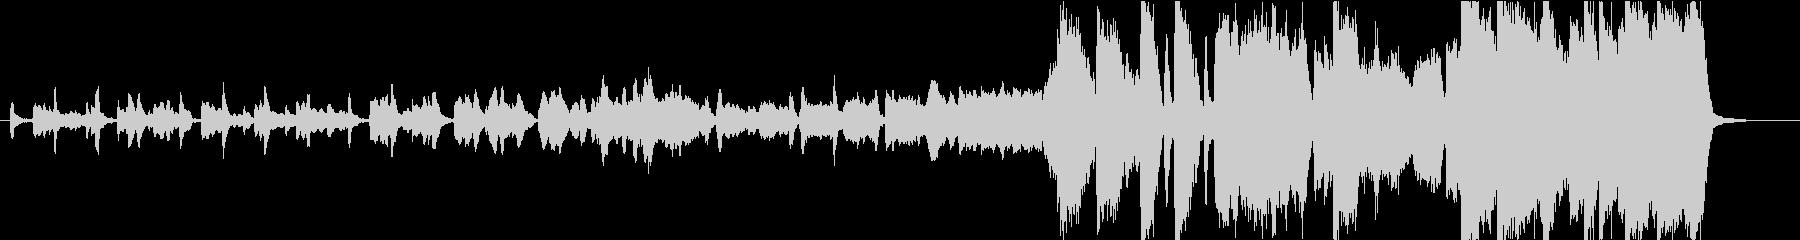 後半盛り上がる管弦楽曲の未再生の波形